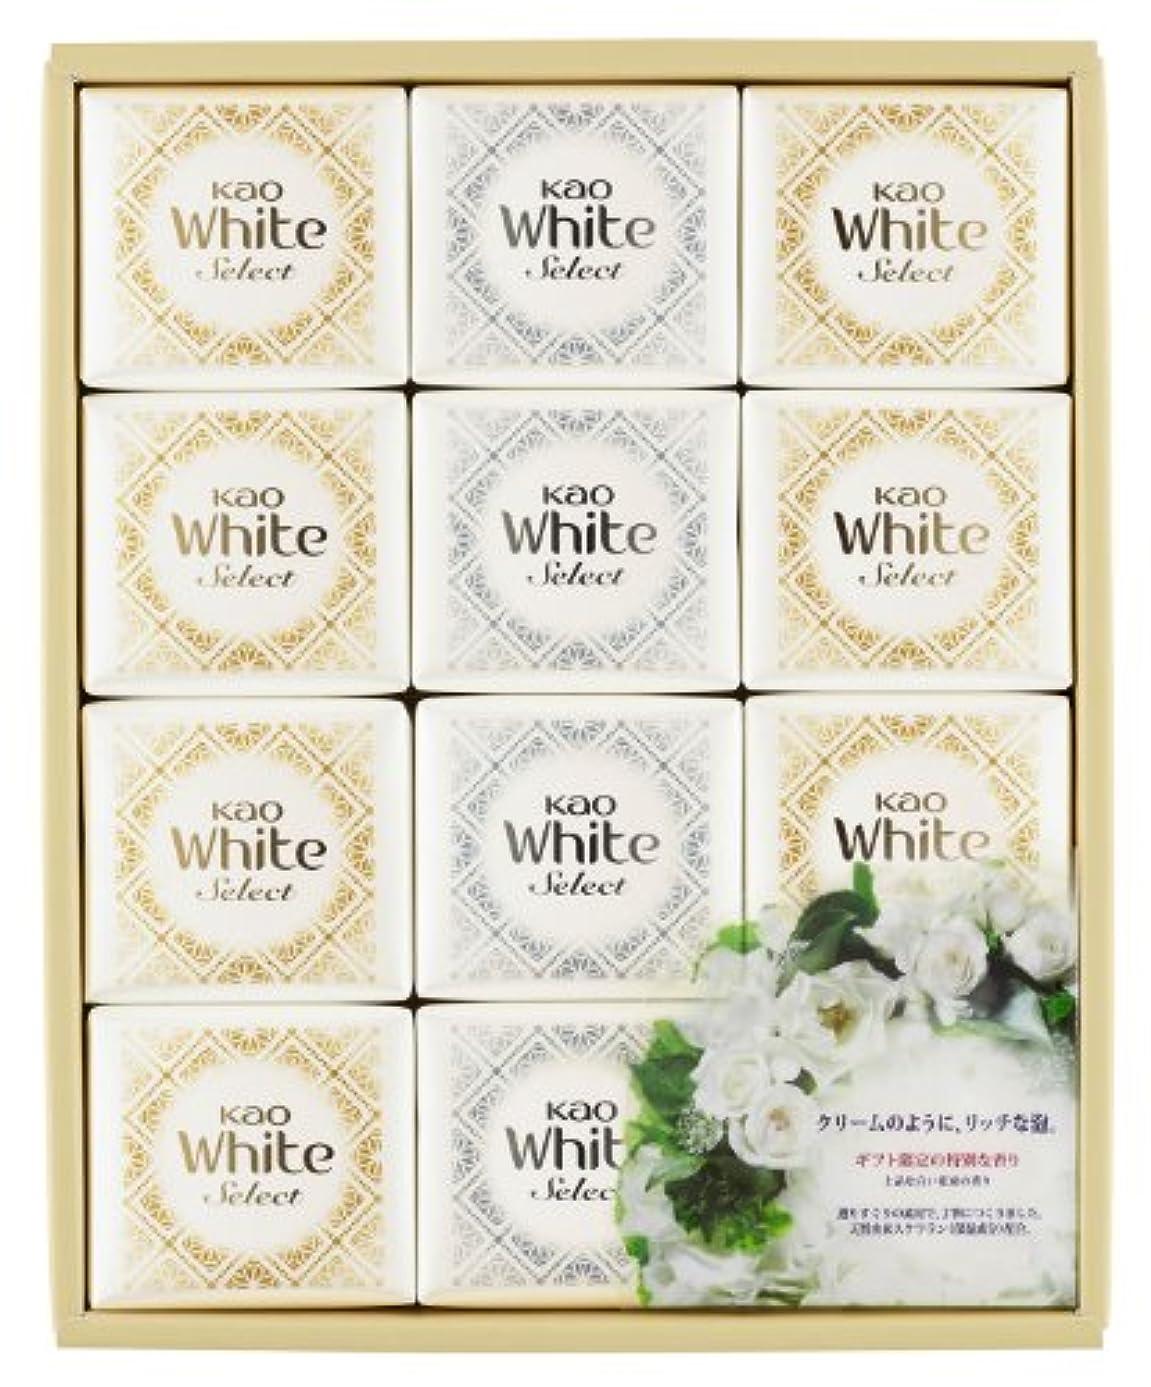 マントル欲求不満アレルギー花王ホワイト セレクト 上品な白い花束の香り 85g 12コ K?WS-20